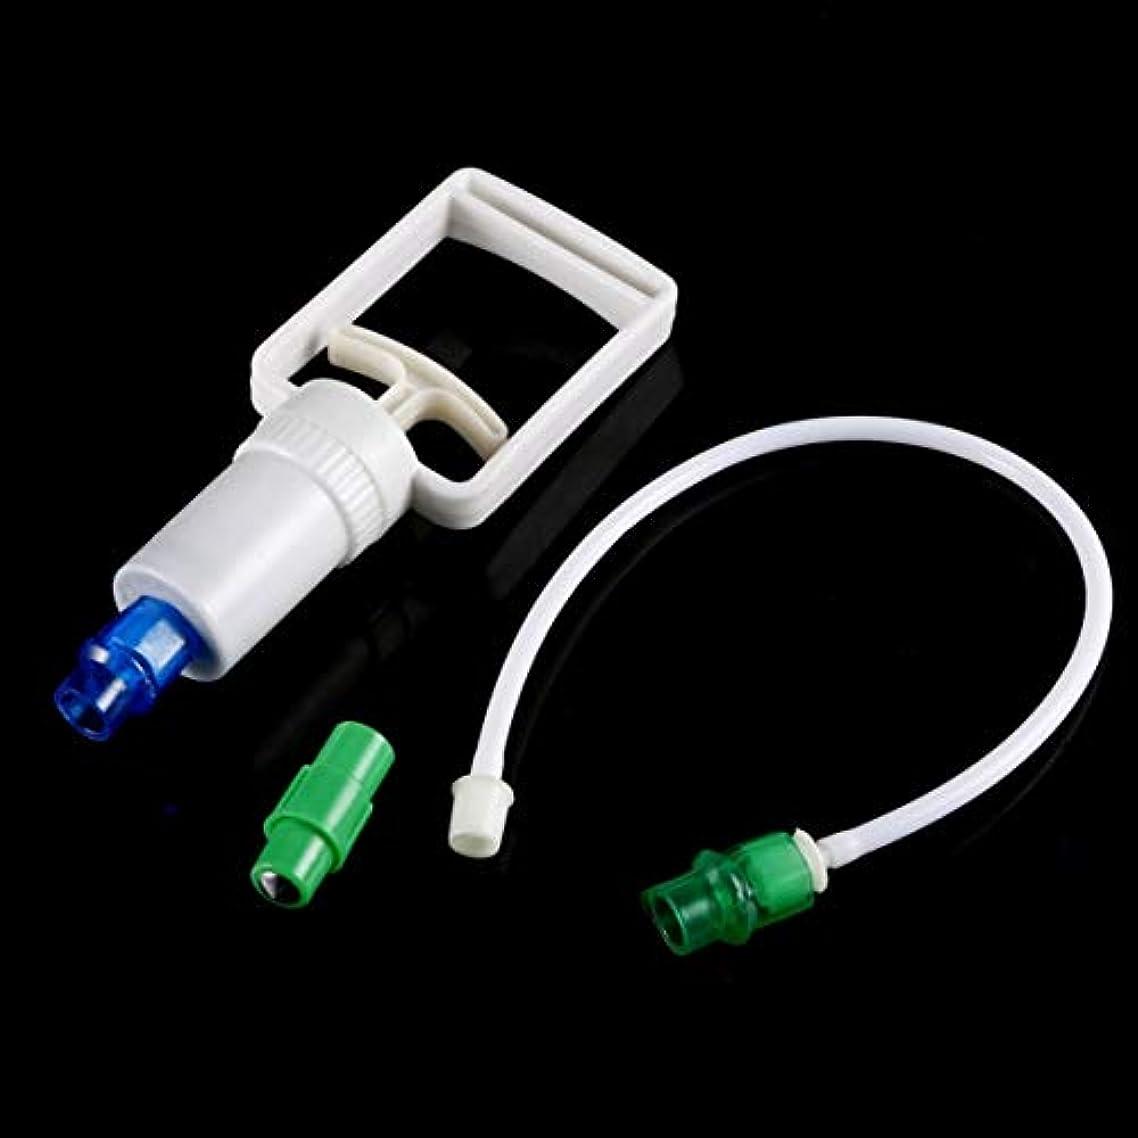 層コントローラモーテル12ピース/セット中国ヘルスケア医療真空ボディカッピングセラピーカップマッサージボディリラクゼーション健康メッセージセットセーフ(透明、白)